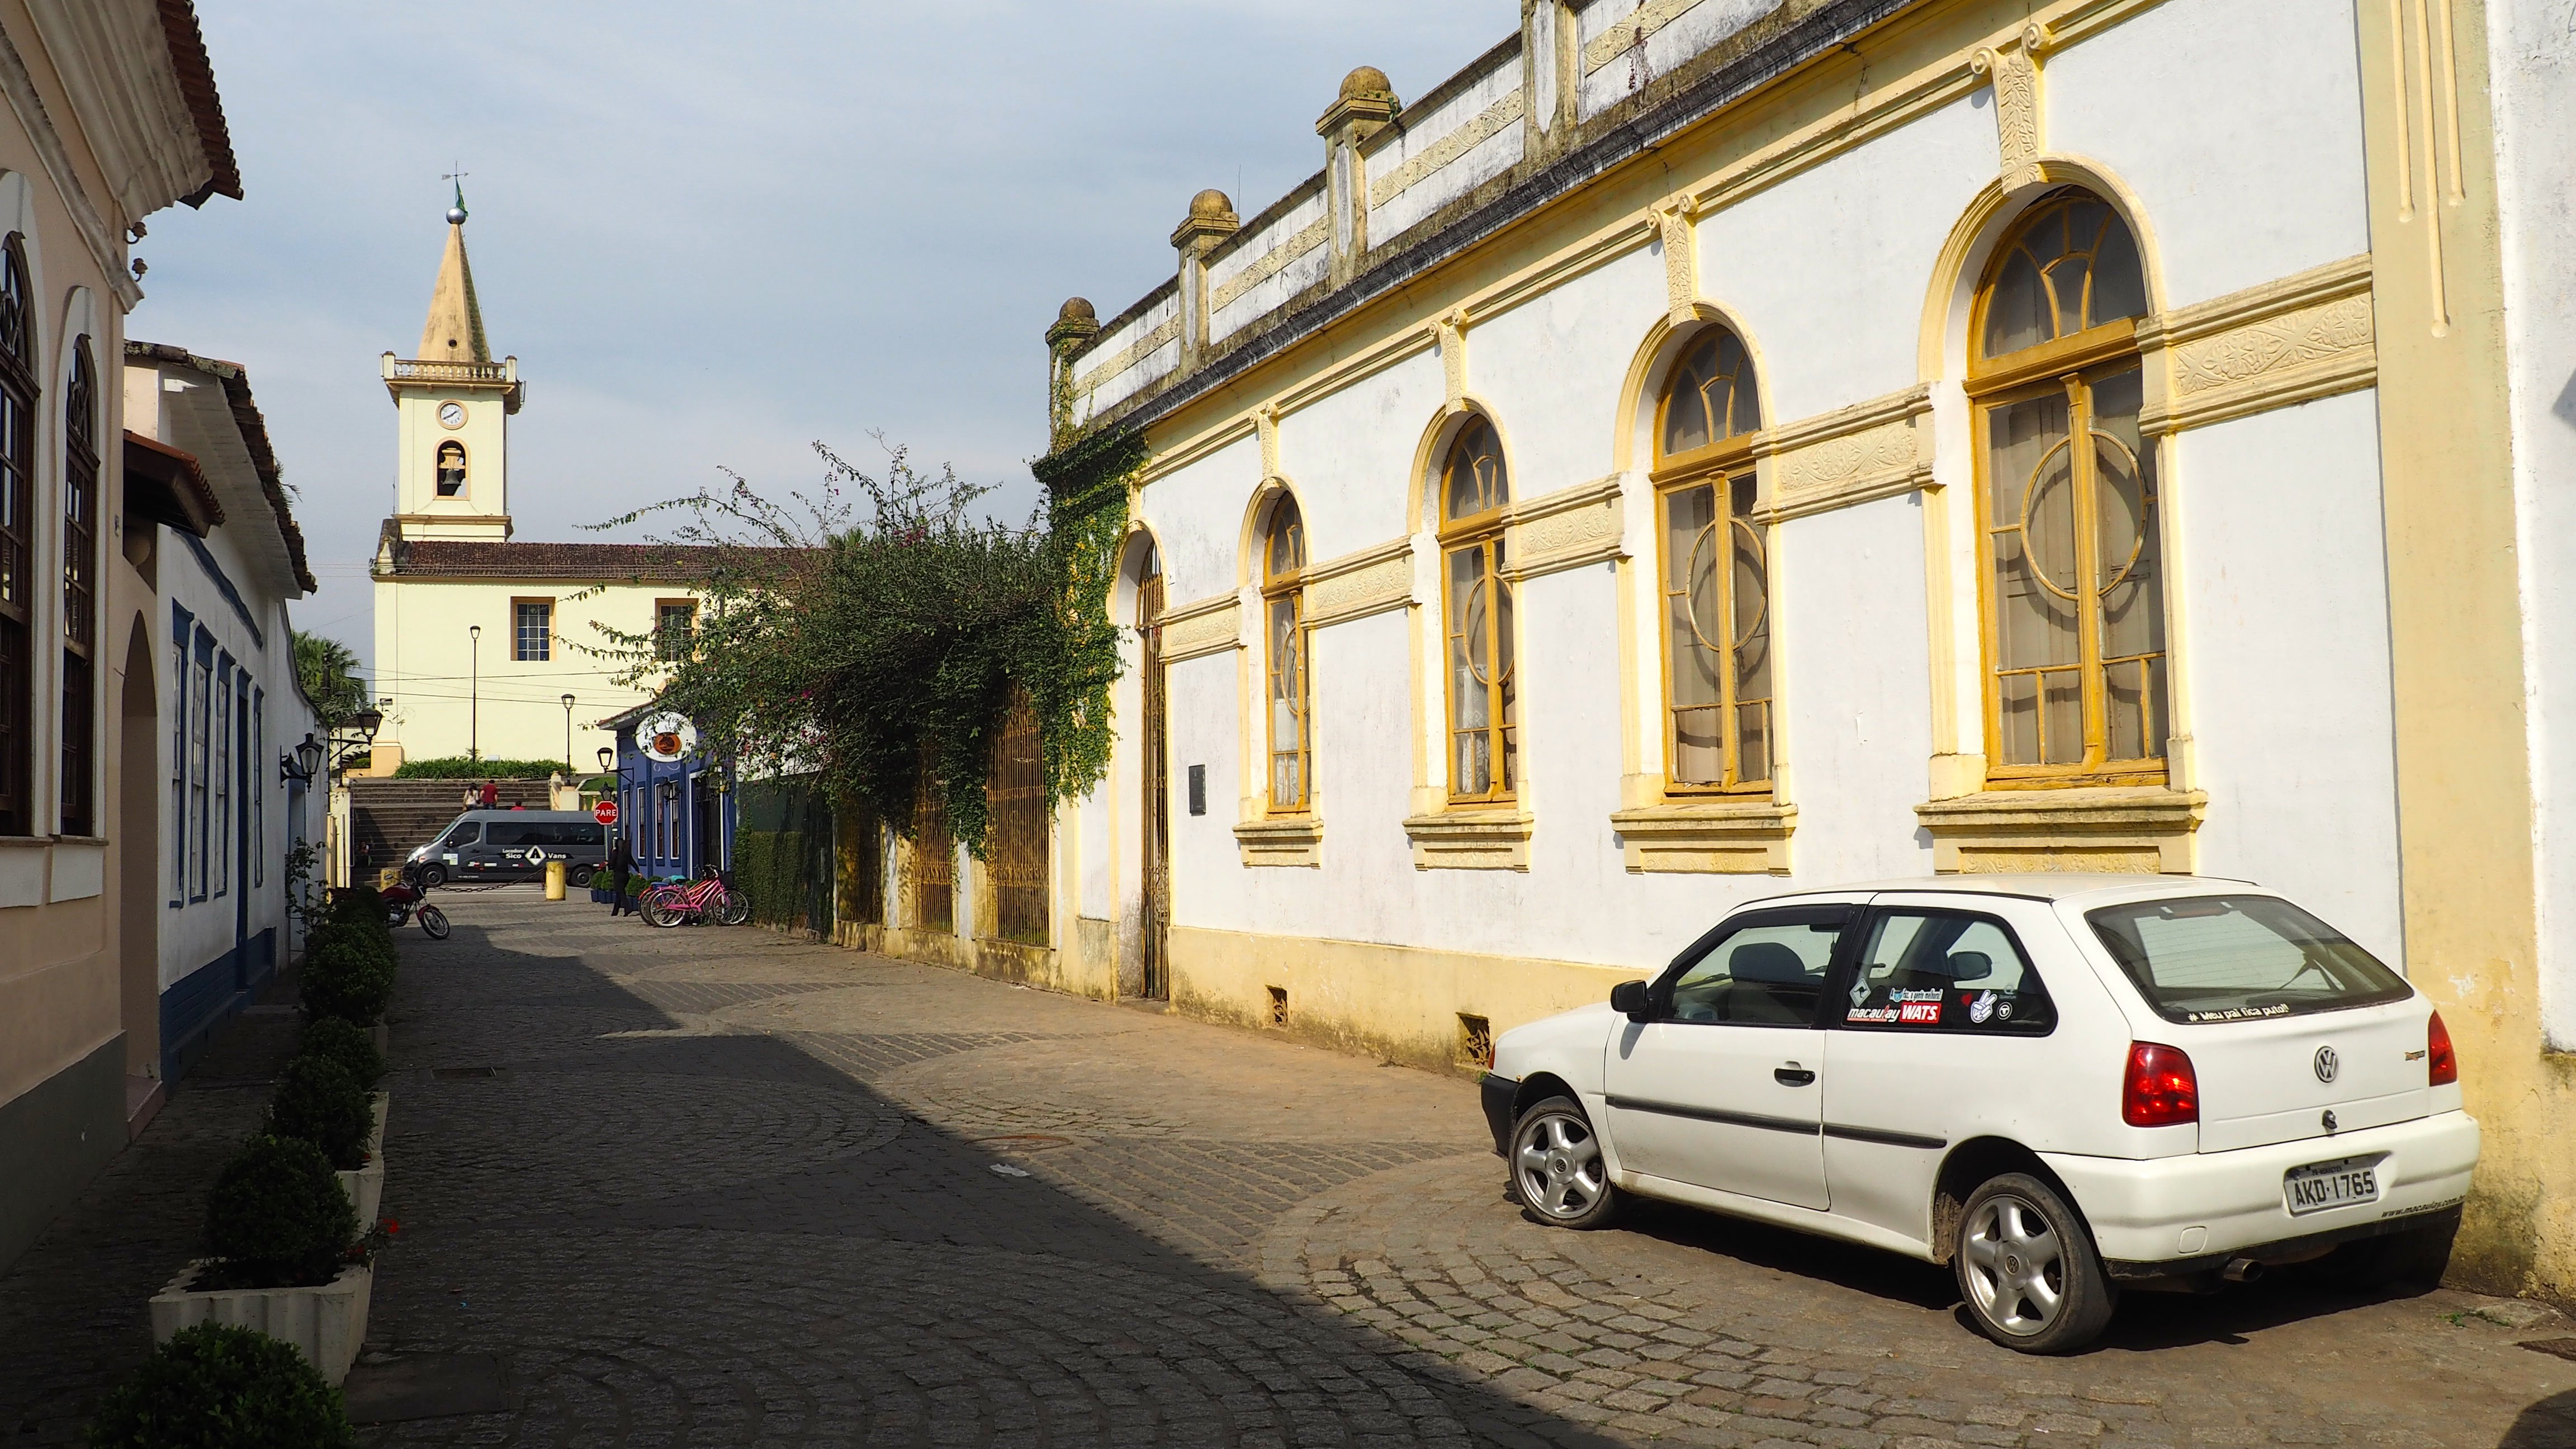 Calles de Morretes, con suelo empedrado y casas de estilo colonial